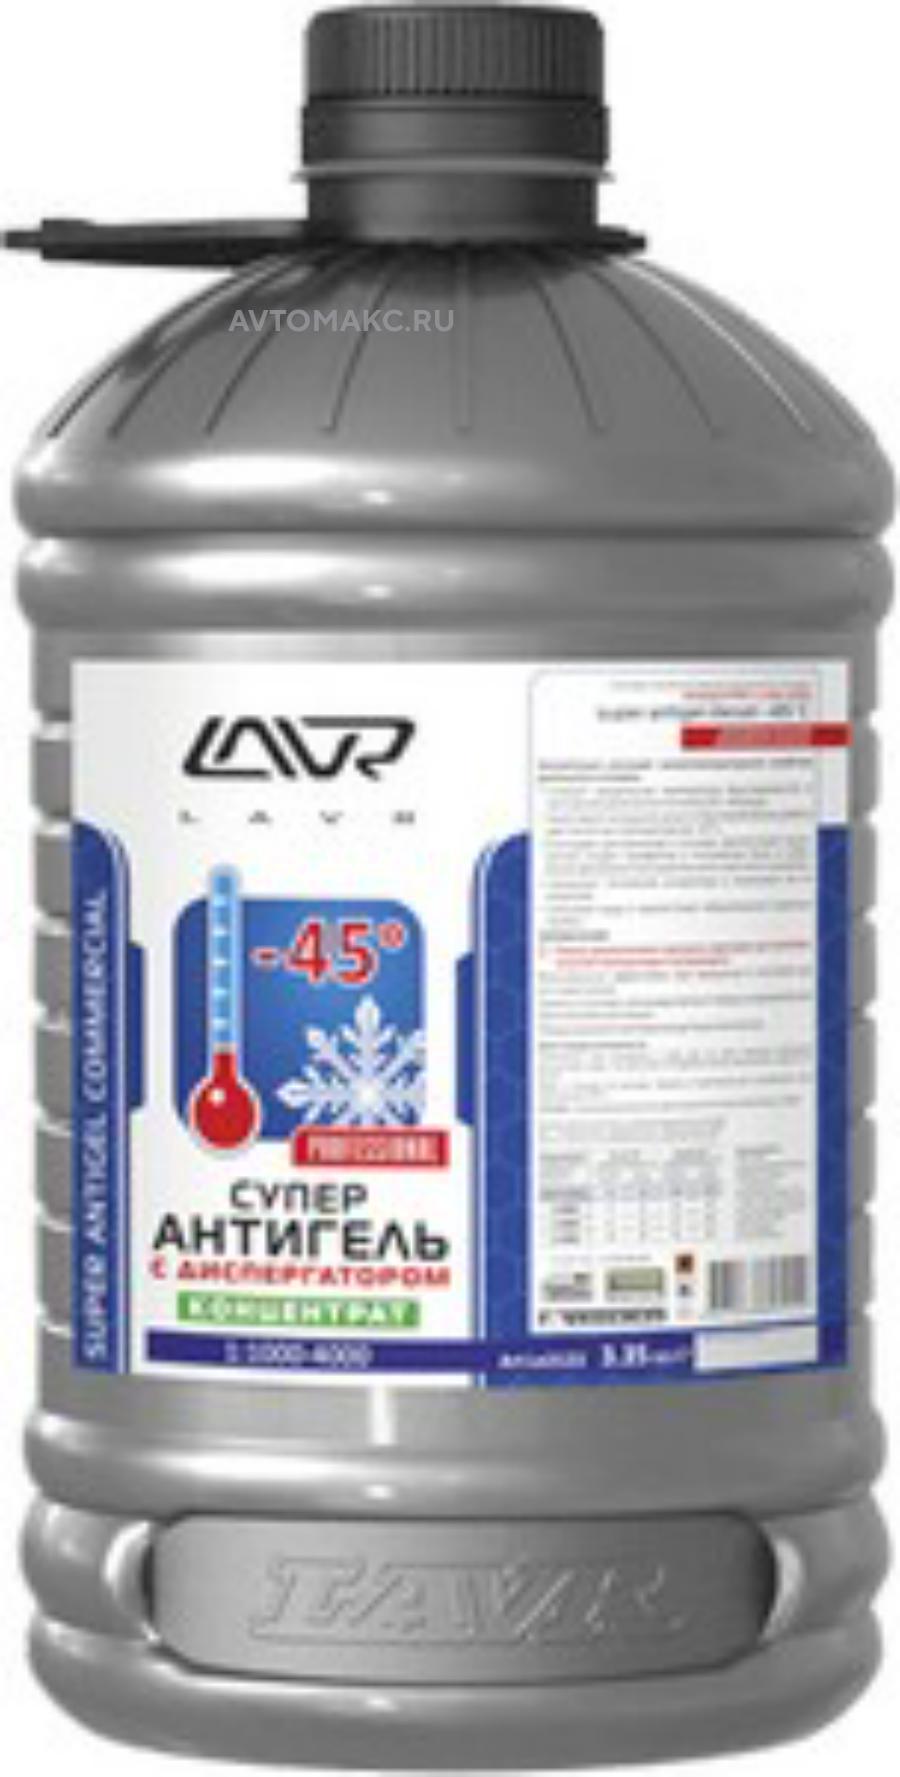 Суперантигель Концентрат присадка в дизельное топливо LAVR Super Antigel Commercial (LN2122)